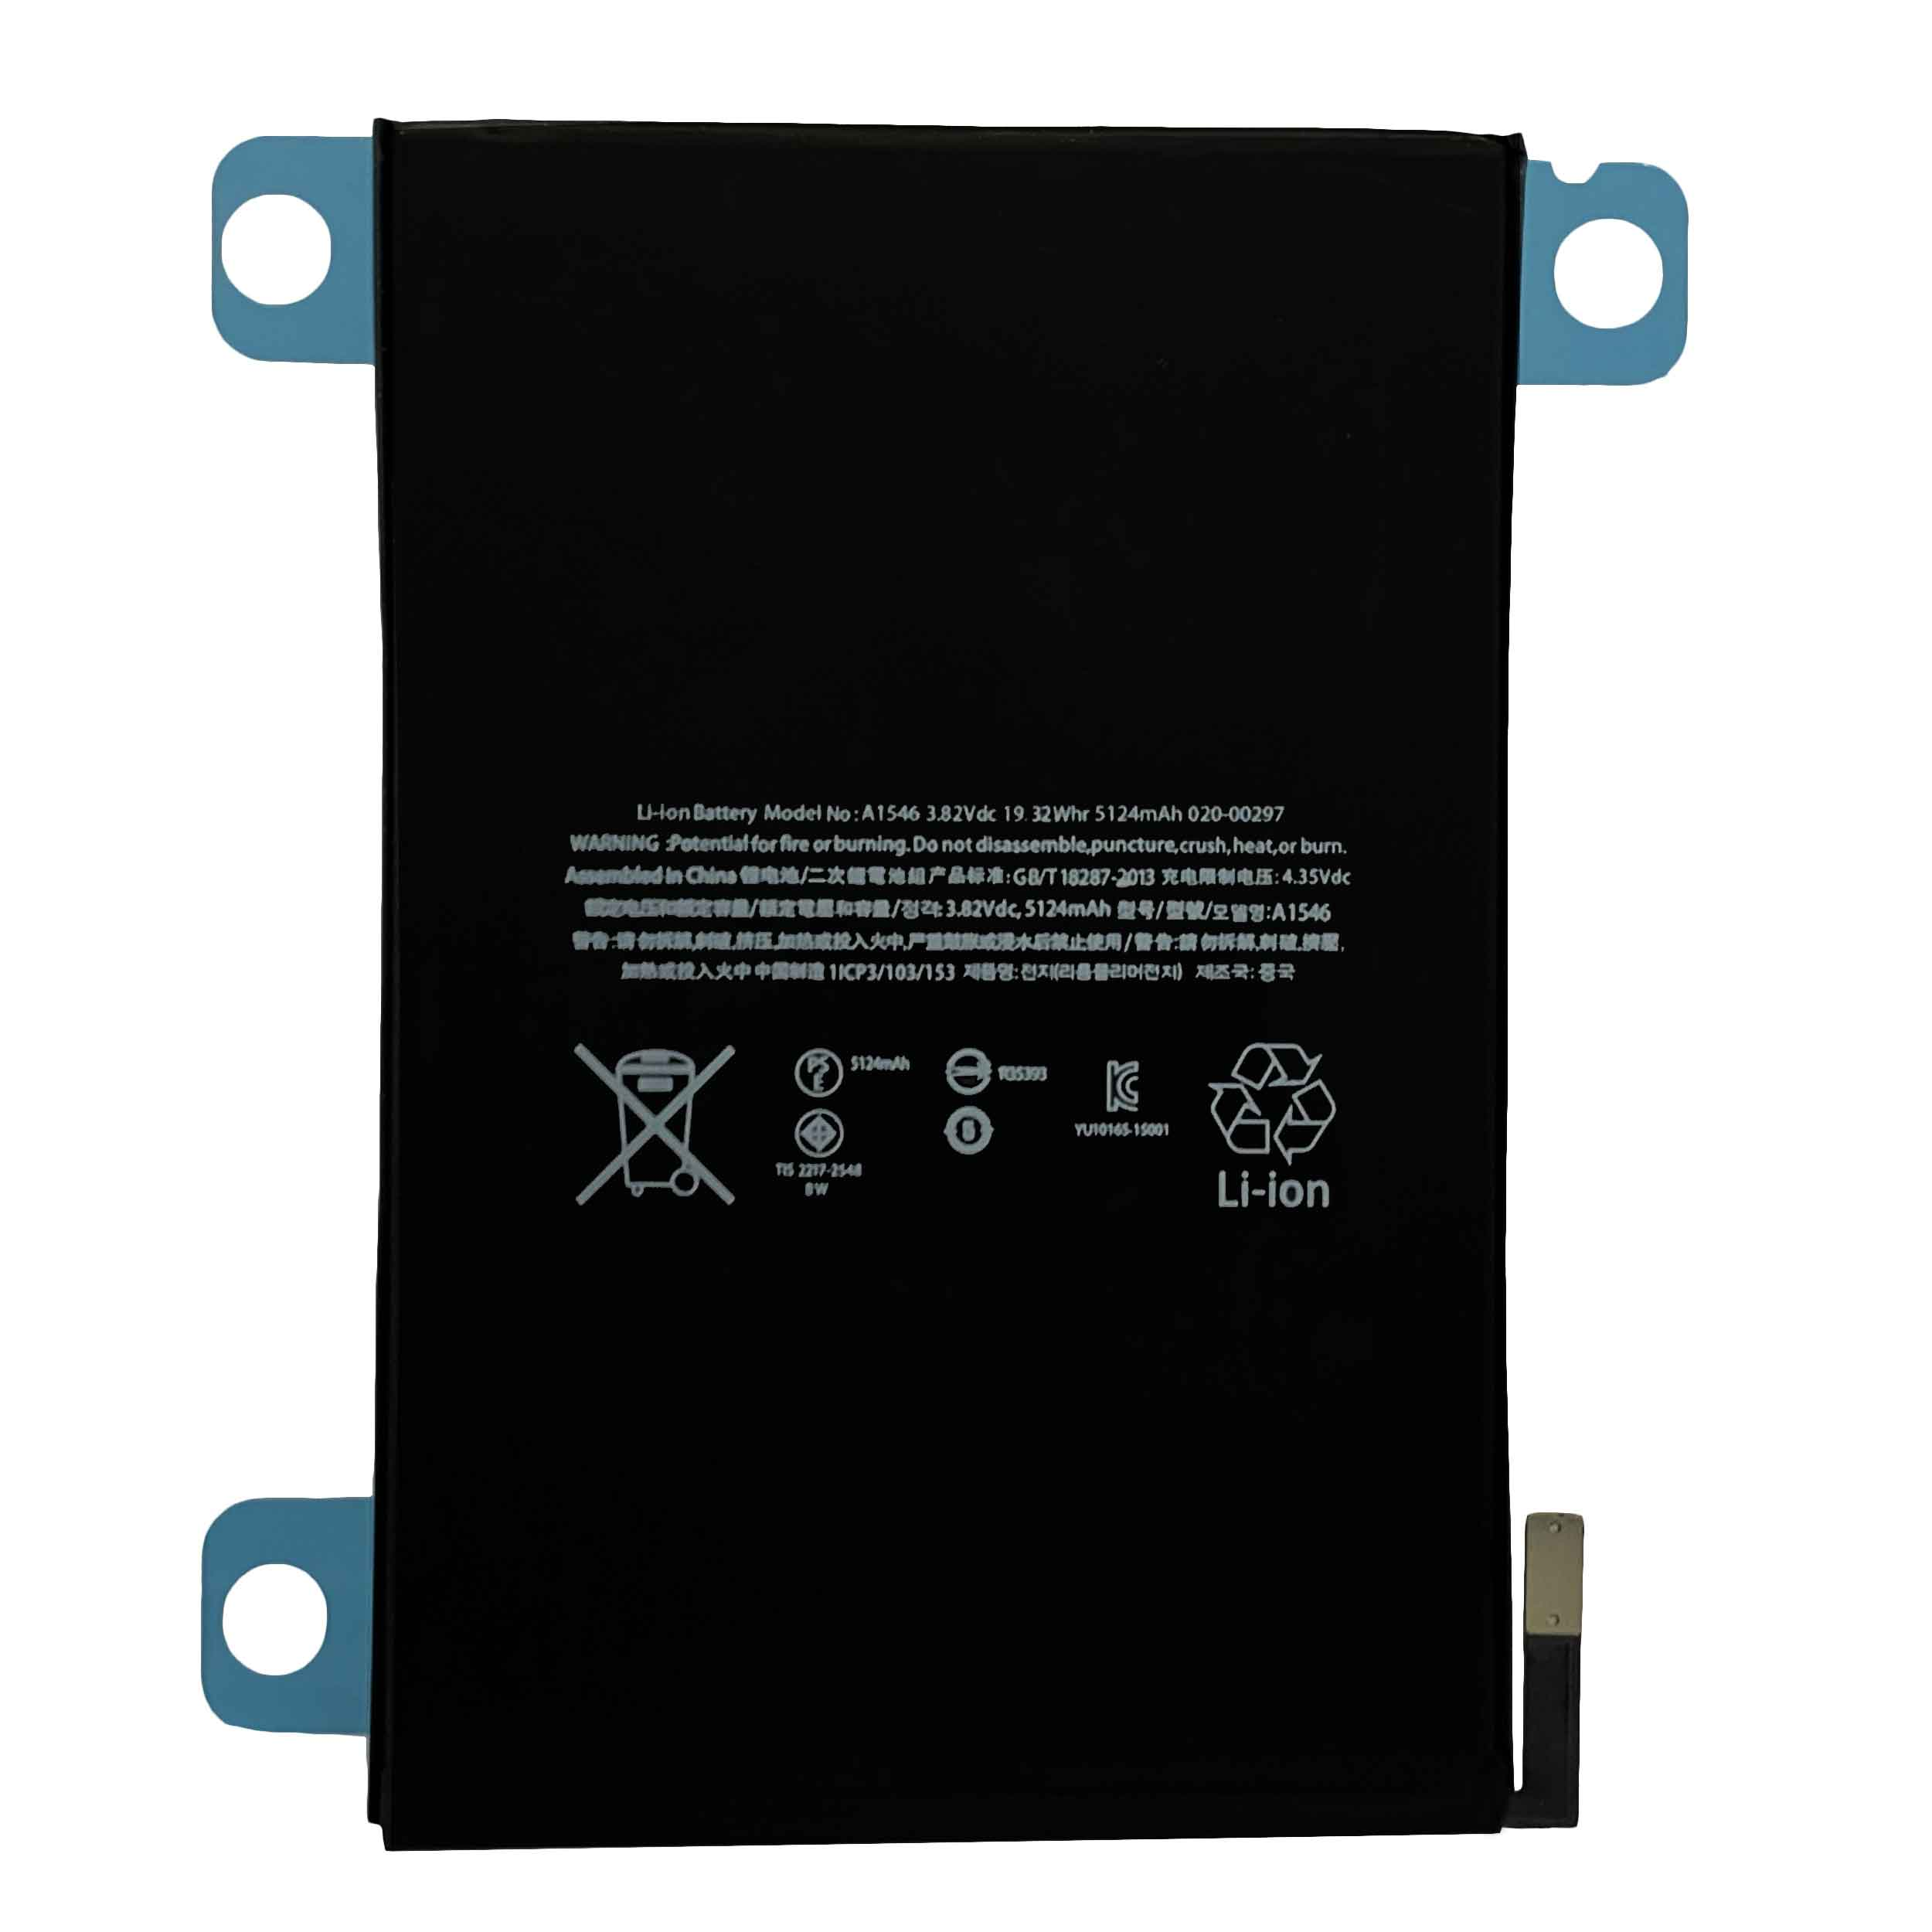 تصویر باتری آیپد مینی Ipad Mini 4 با کد فنی A1546